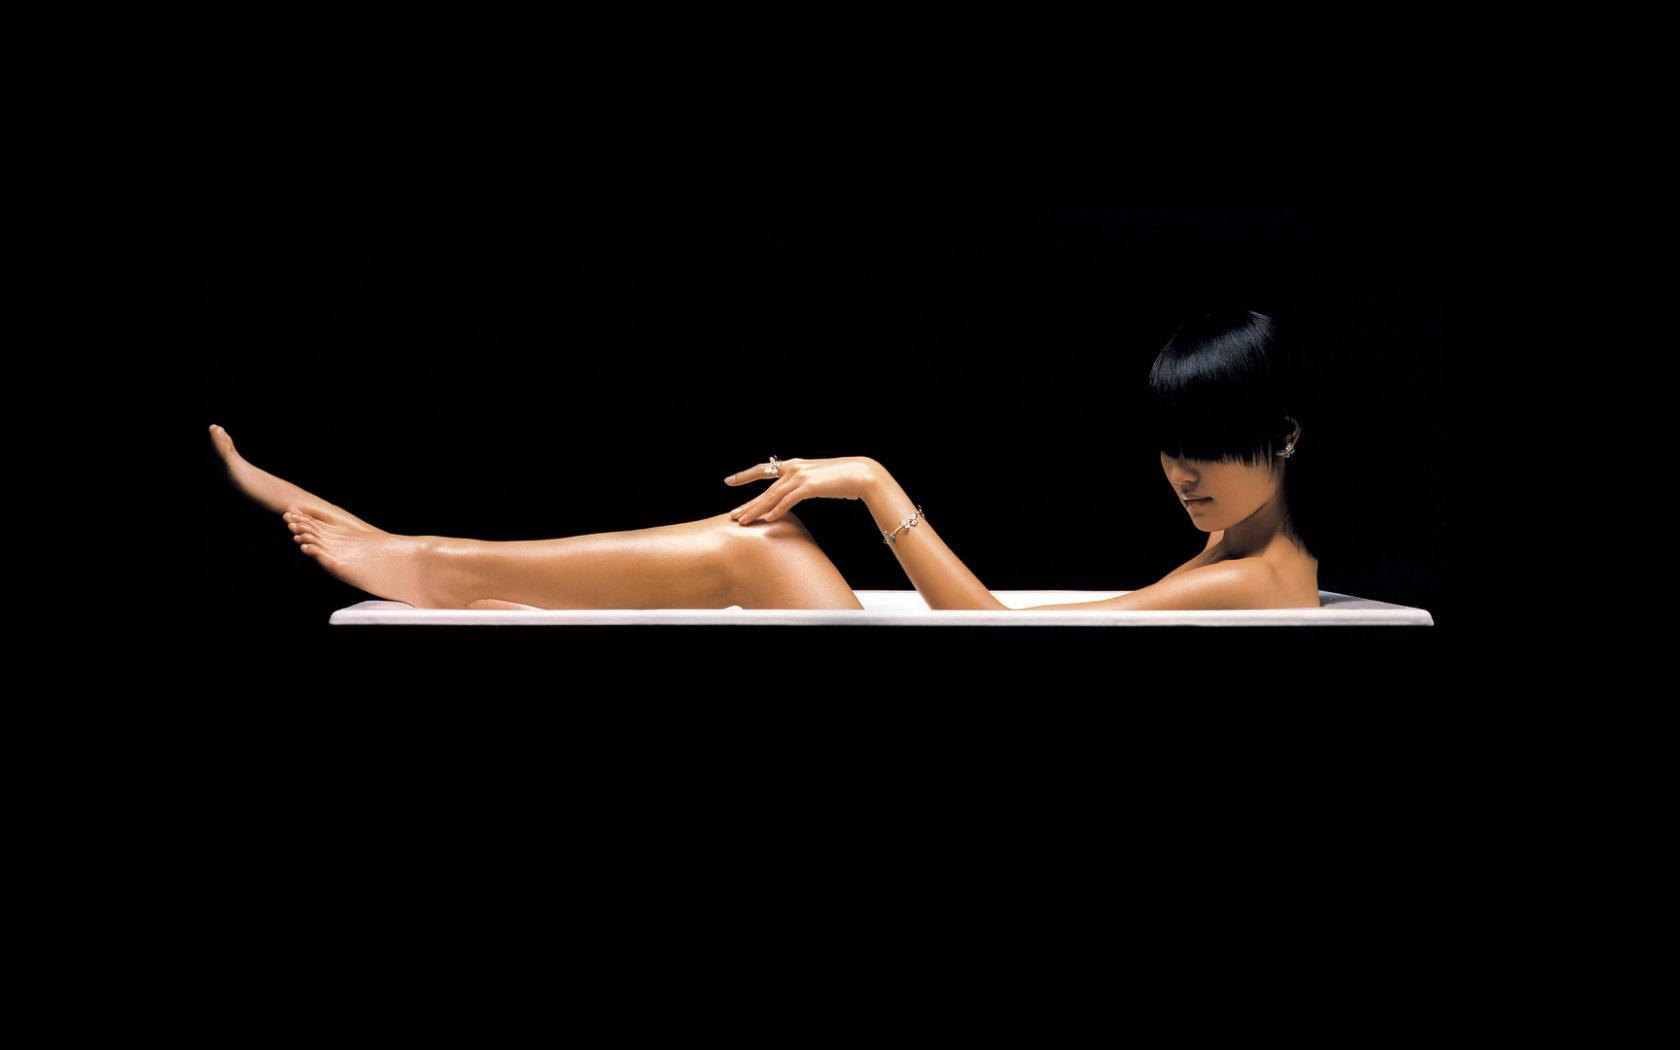 Фотоальбом девушки в ванной 20 фотография